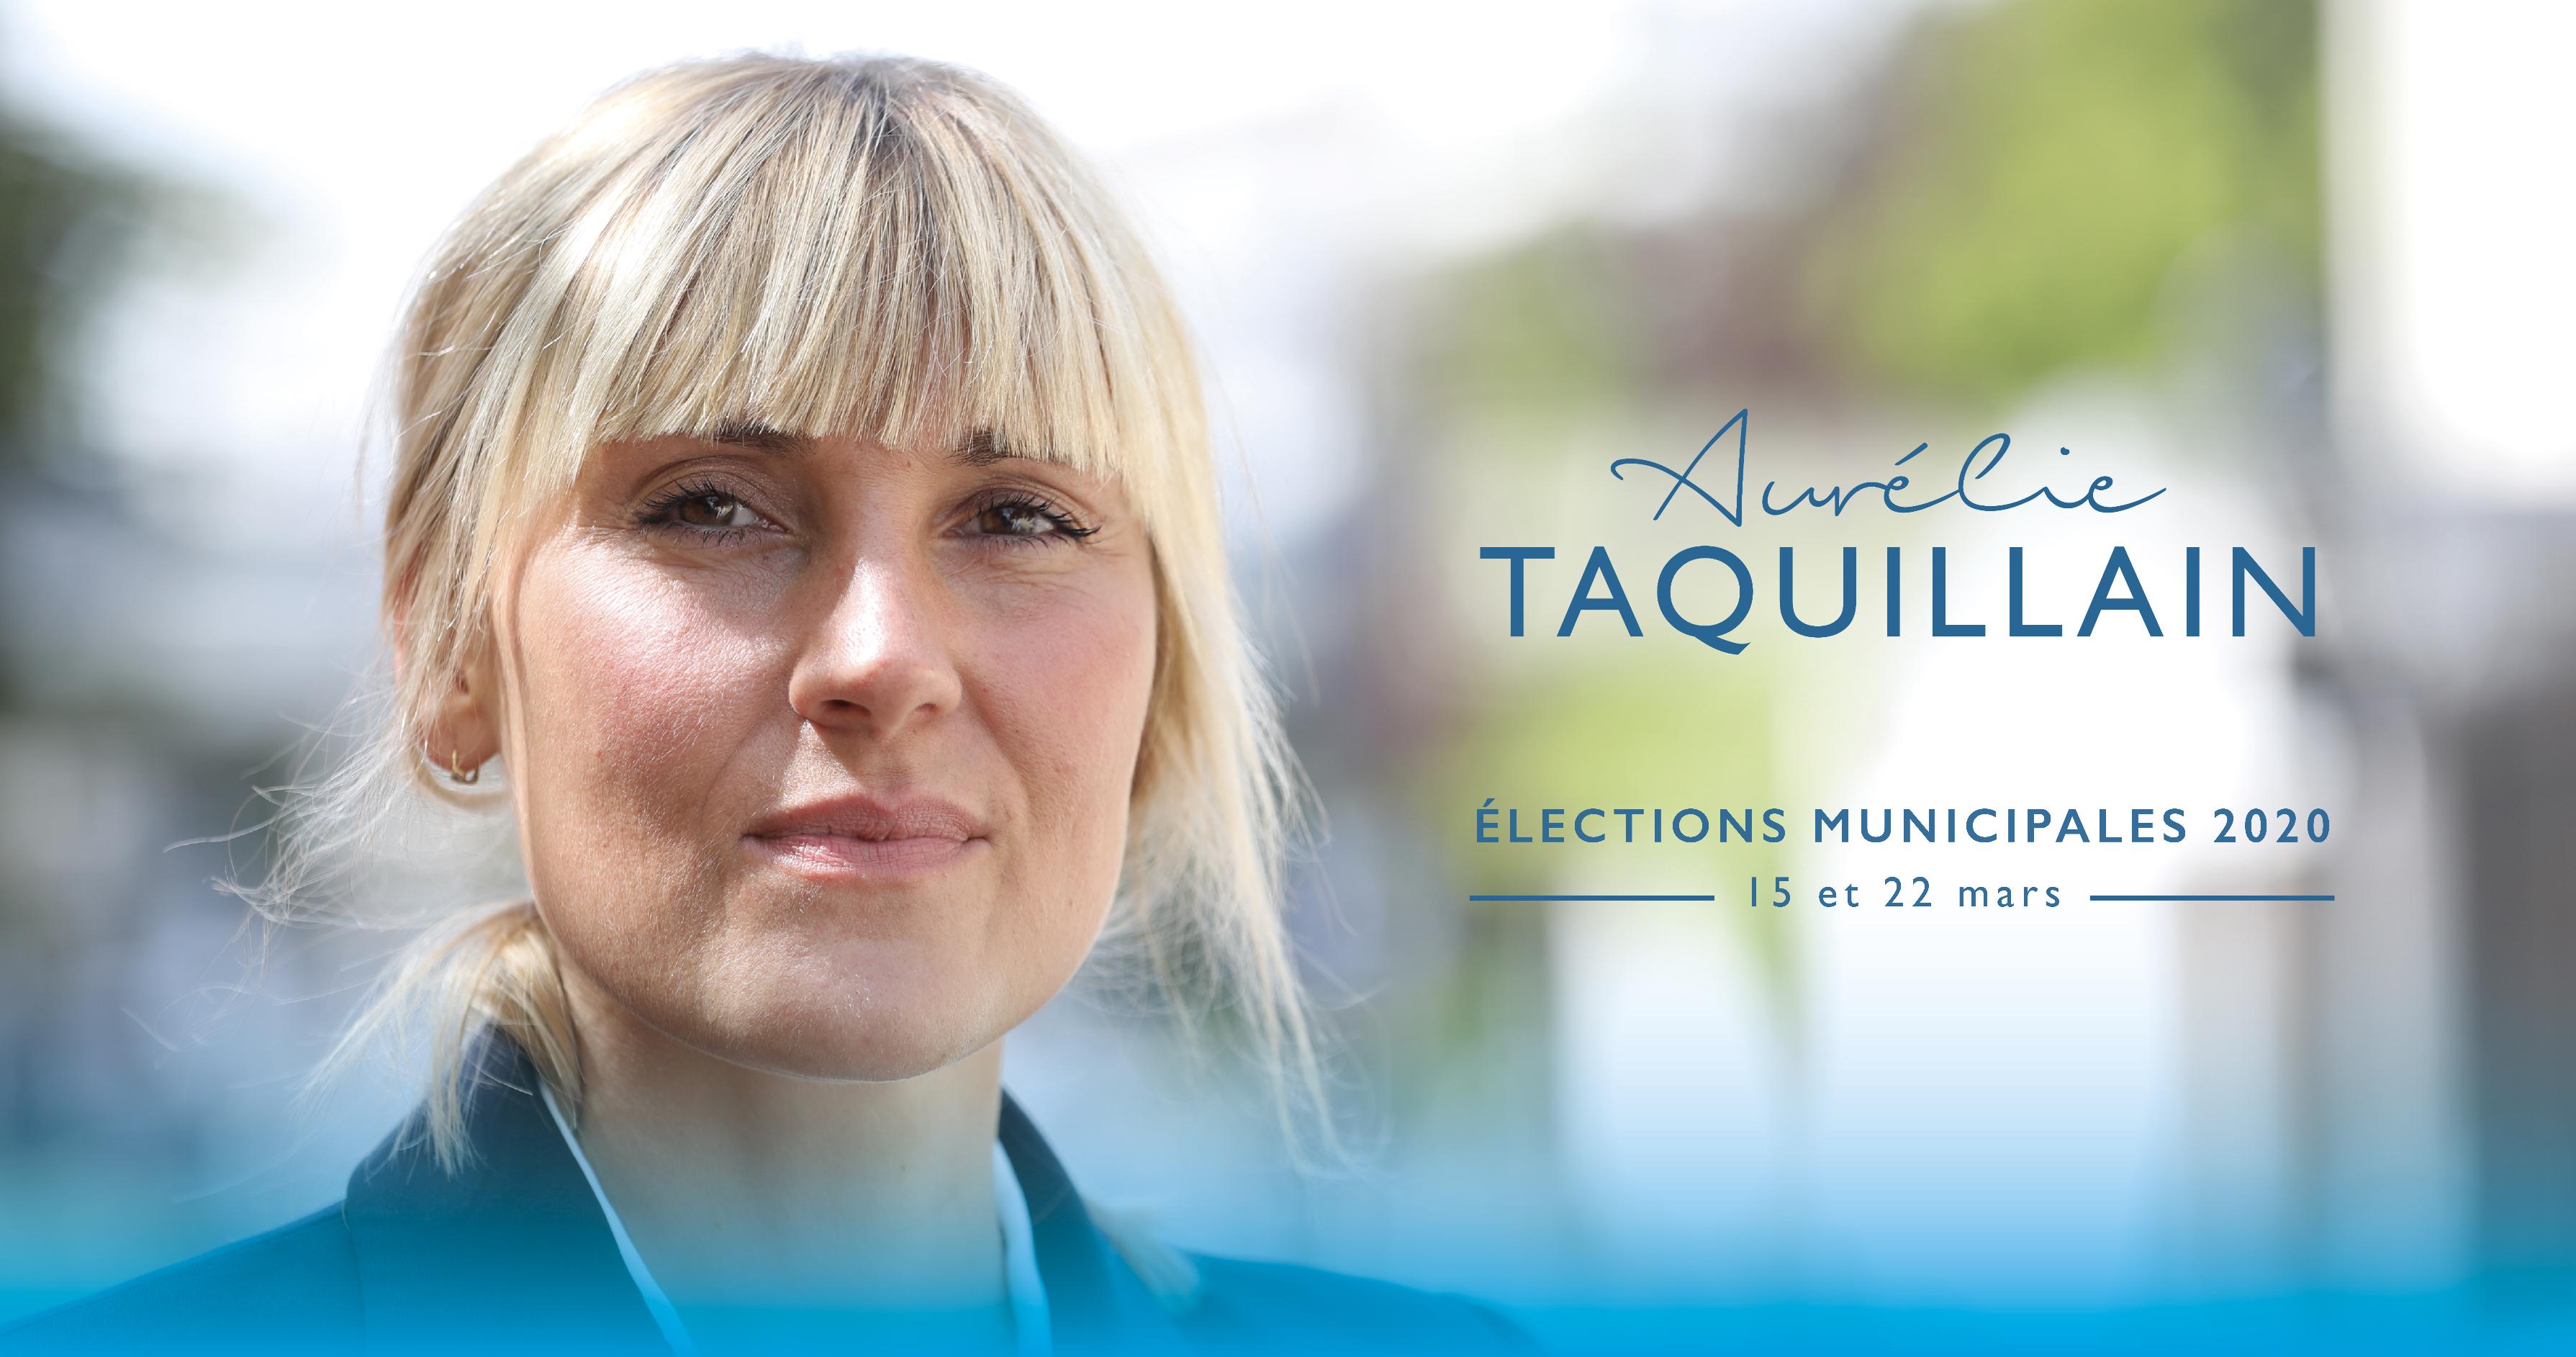 Aurélie Taquillain